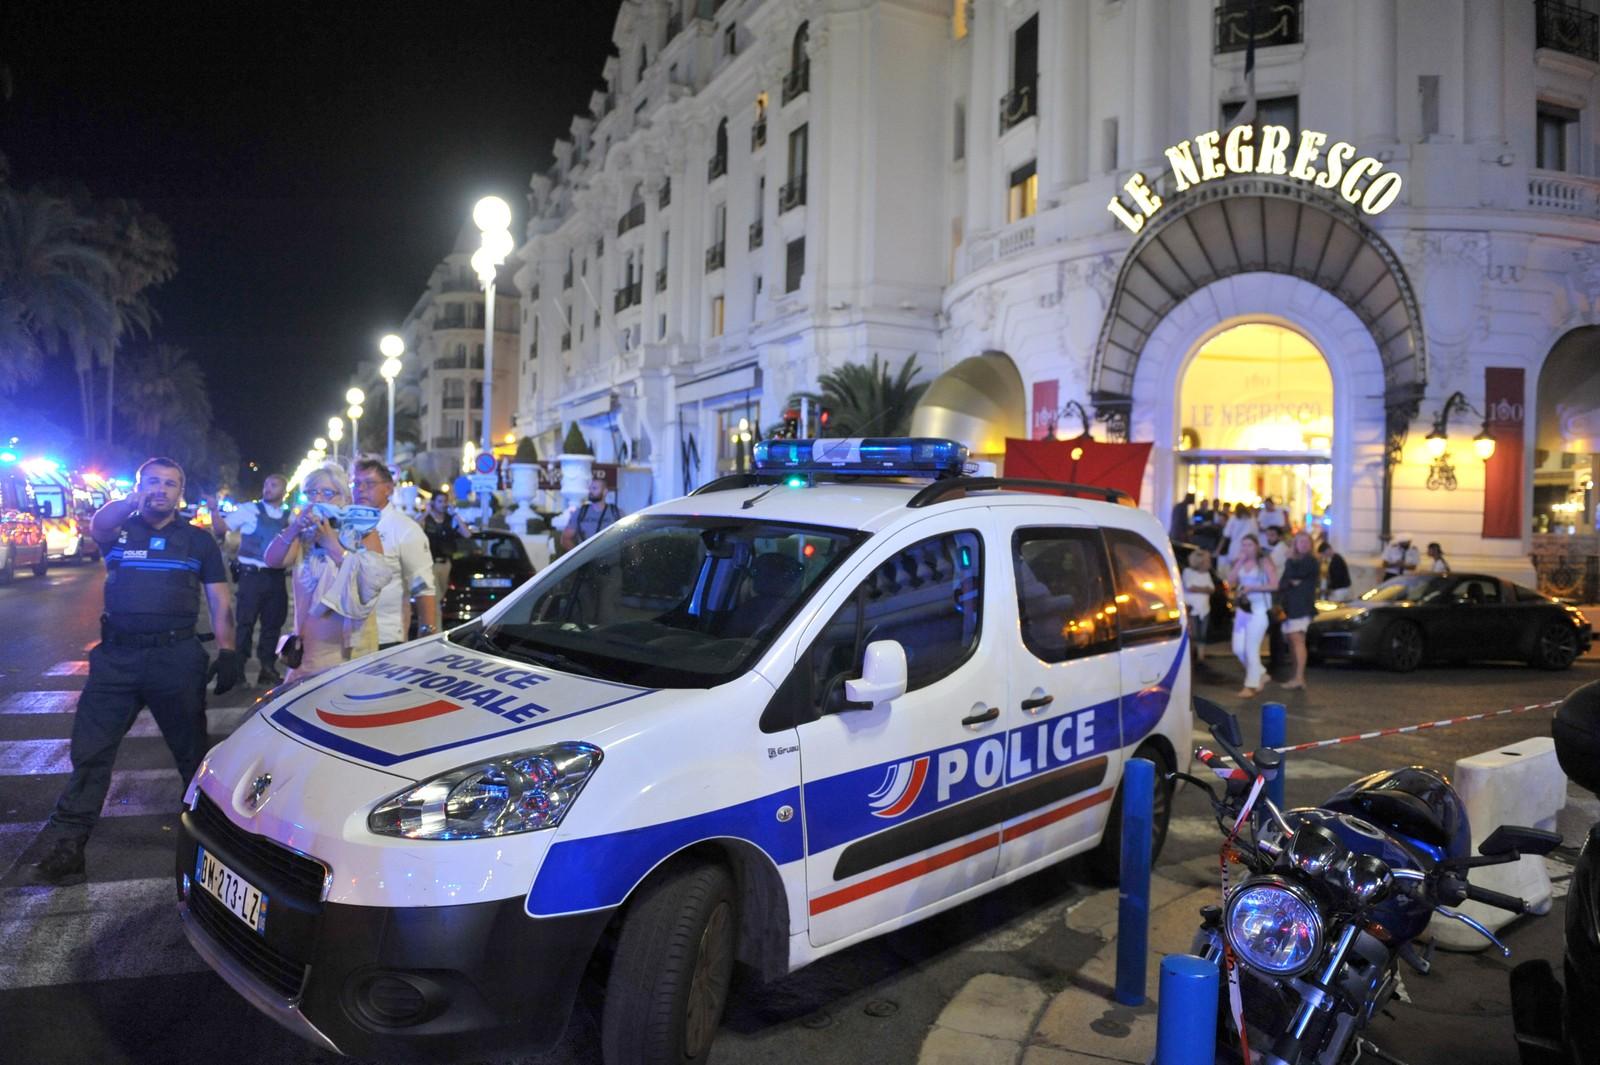 Angrepet skjedde i nærheten av hotellet Le Negresco ved promenaden i Nice.